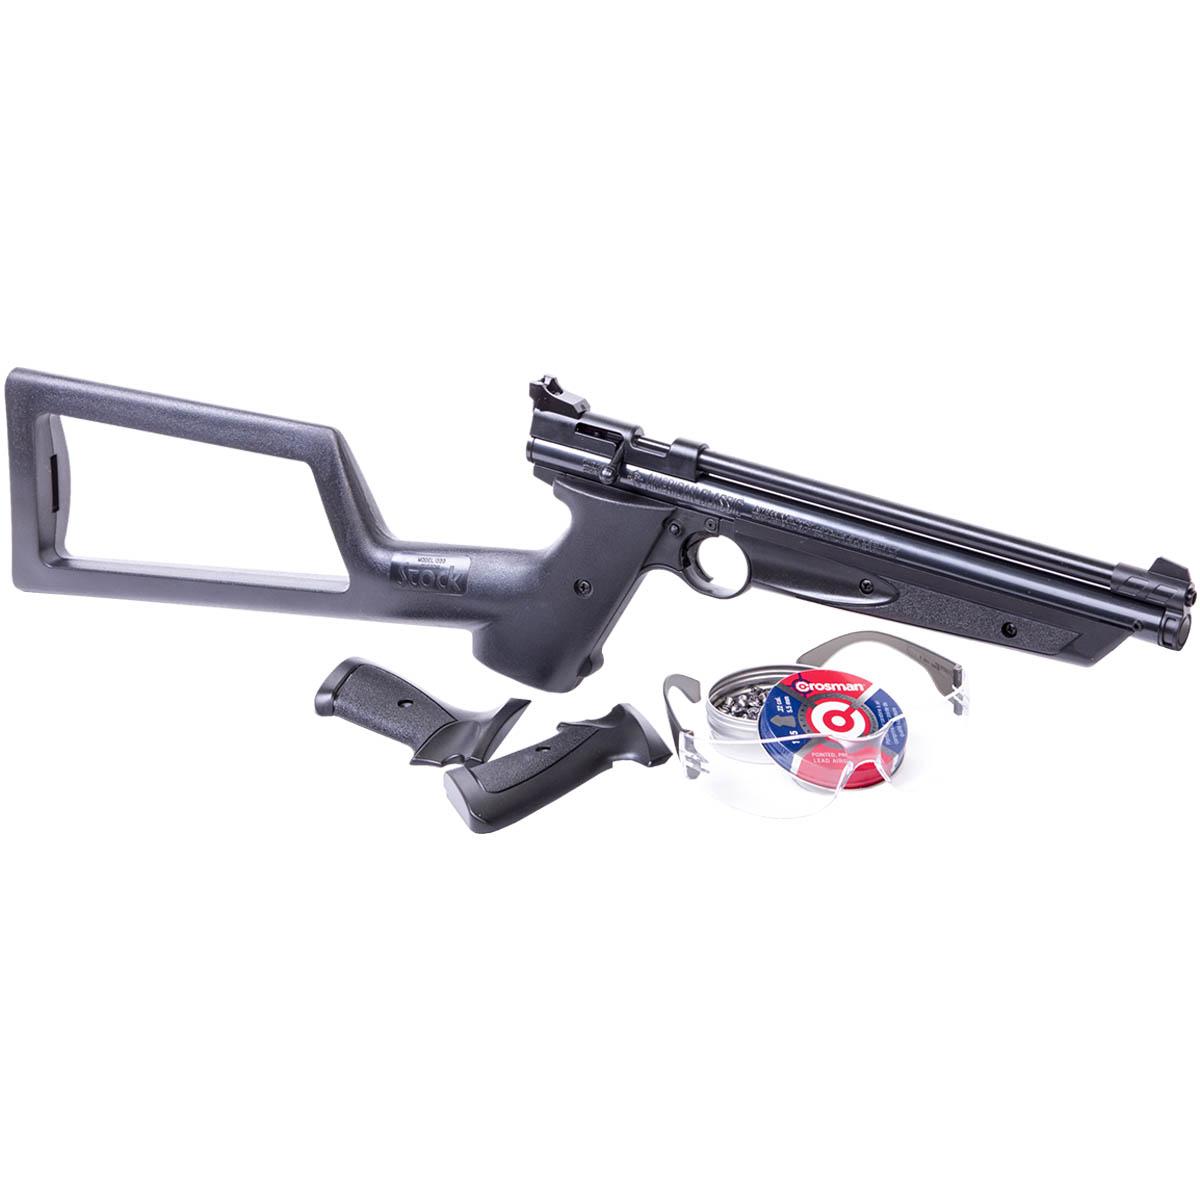 Pistola Co2 5.5 MM + Culata + Diabolos + Gafas Tiro Crosman